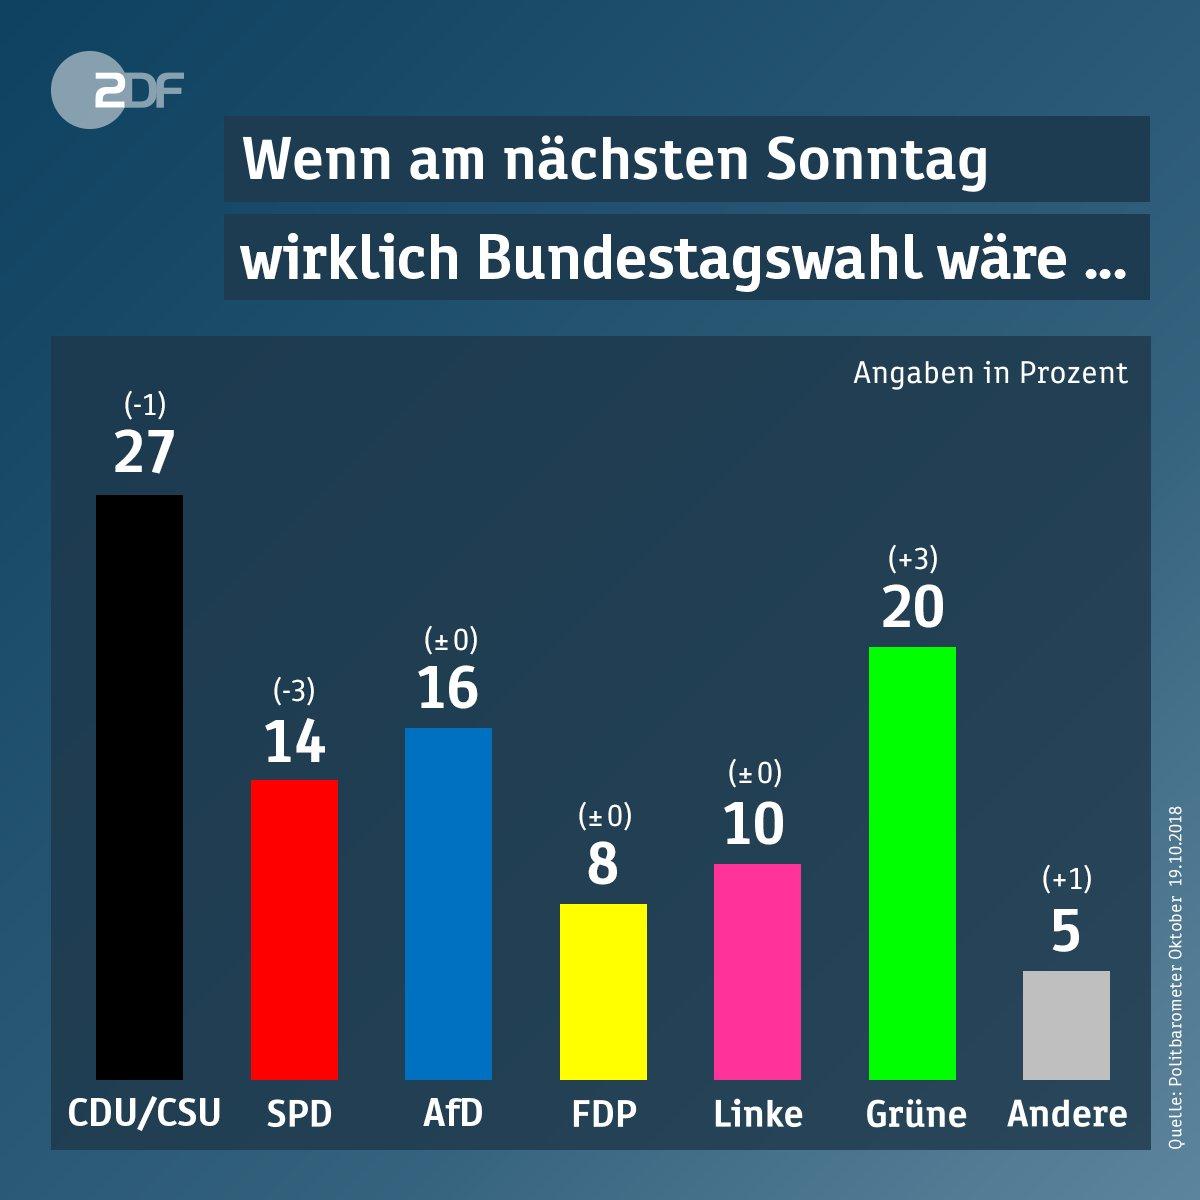 Die #Grünen kämen auf Platz zwei, wenn nächsten Sonntag wirklich  Bundestagswahl wäre, zeigt das @ZDF-#Politbarometer. Die Regierungsparteien verlieren weiter an Zustimmung. #Union und #SPD haben die bisher schlechtesten Werte.